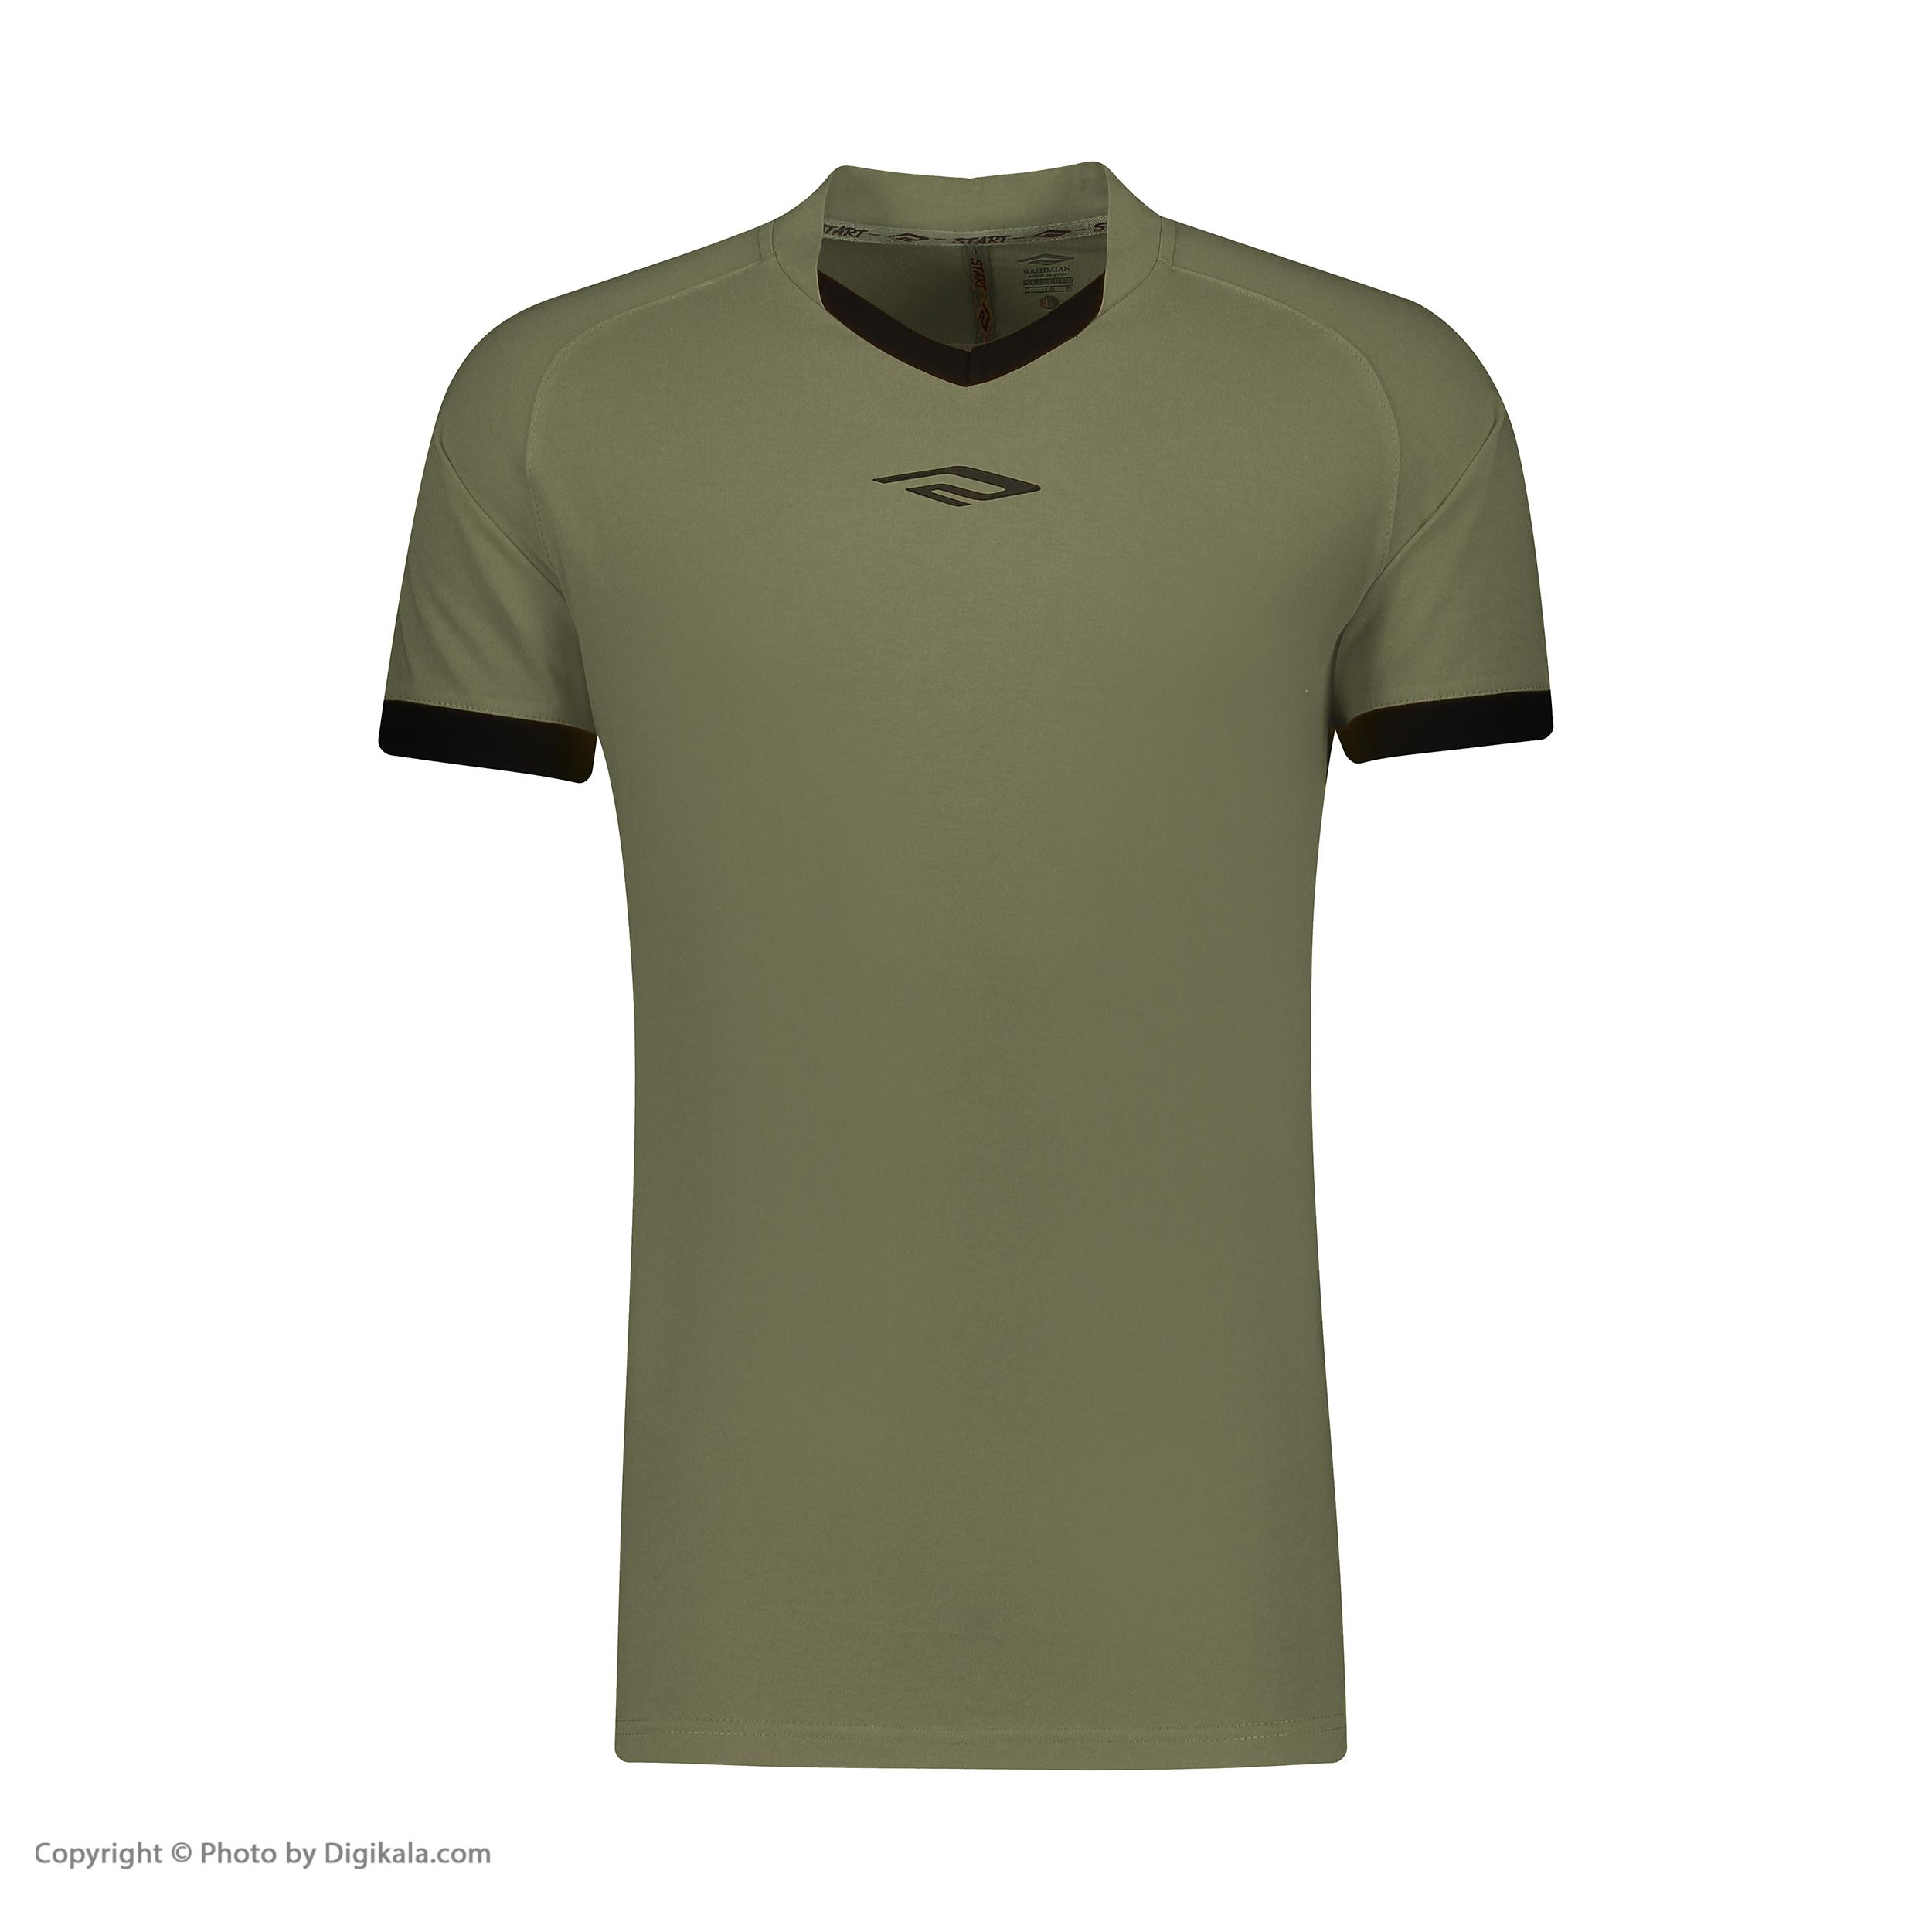 ست پیراهن و شورت ورزشی مردانه استارت مدل v1001-4 -  - 3